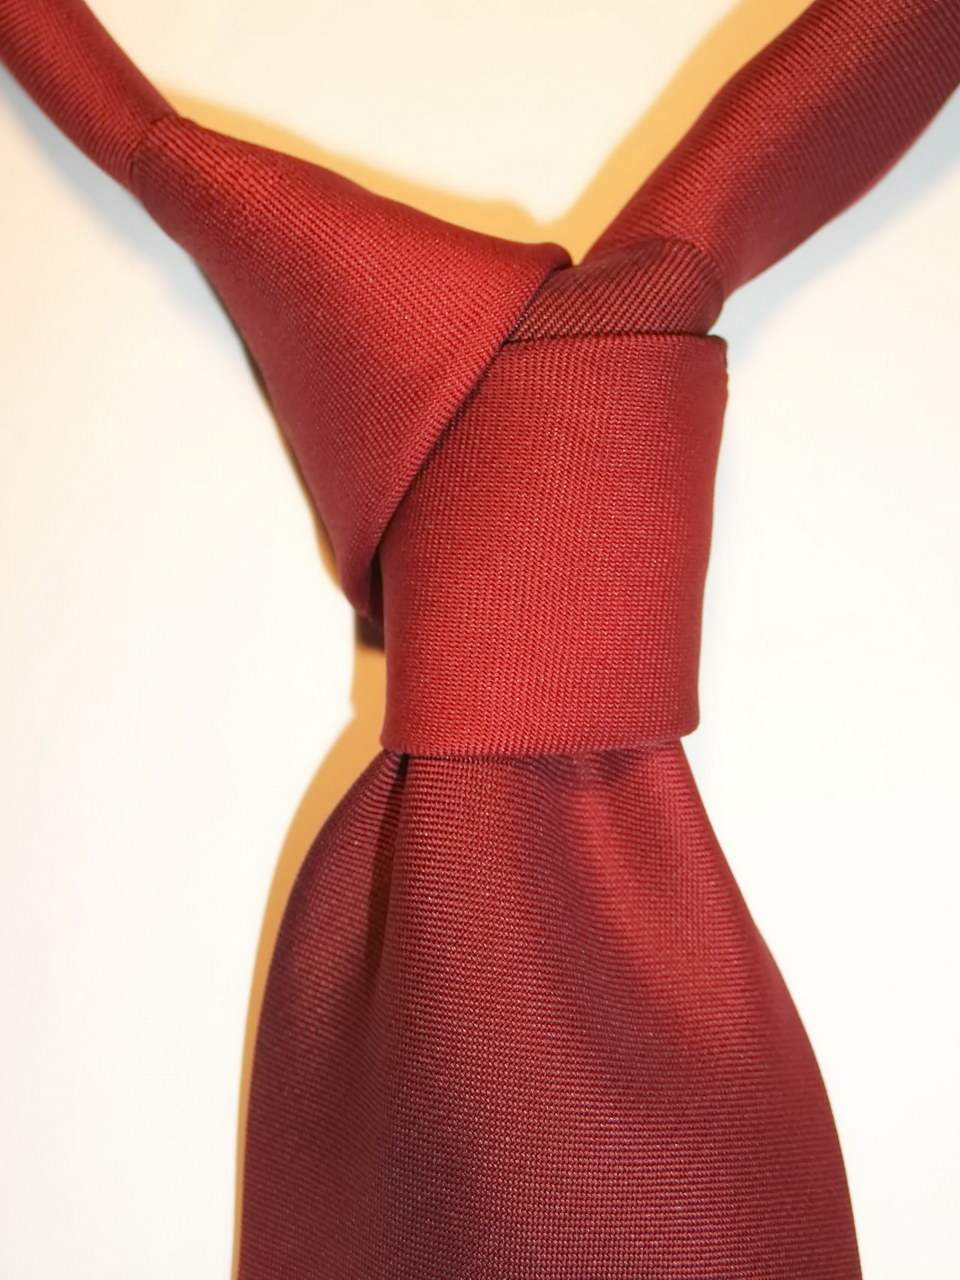 Узел для галстука Диагональный